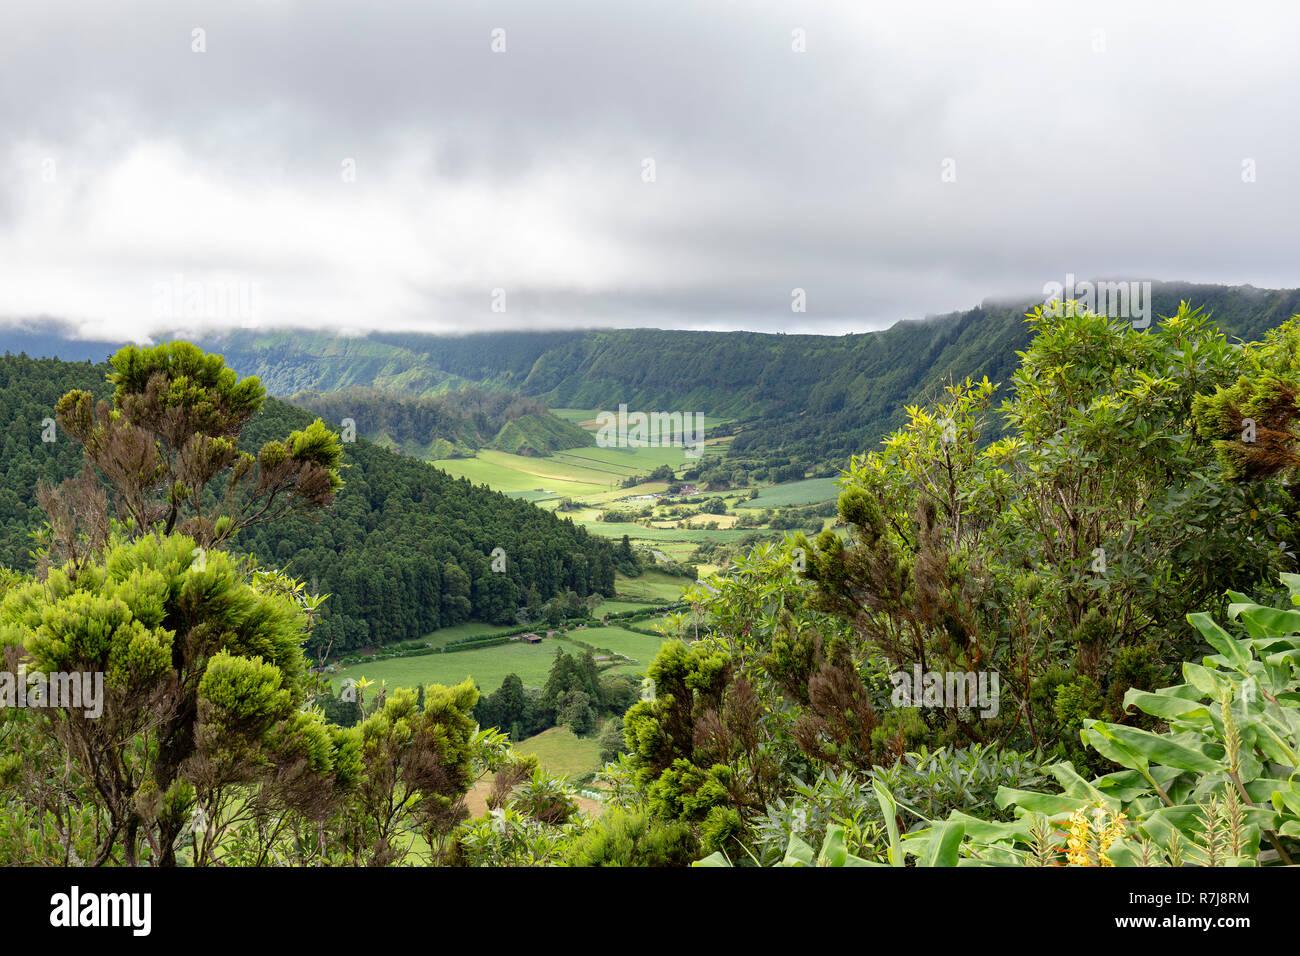 Natürliche Sicht der Teil der gewaltigen Sete Sidades Caldera mit dem kleineren Alferes Caldera in der unten links. Stockfoto